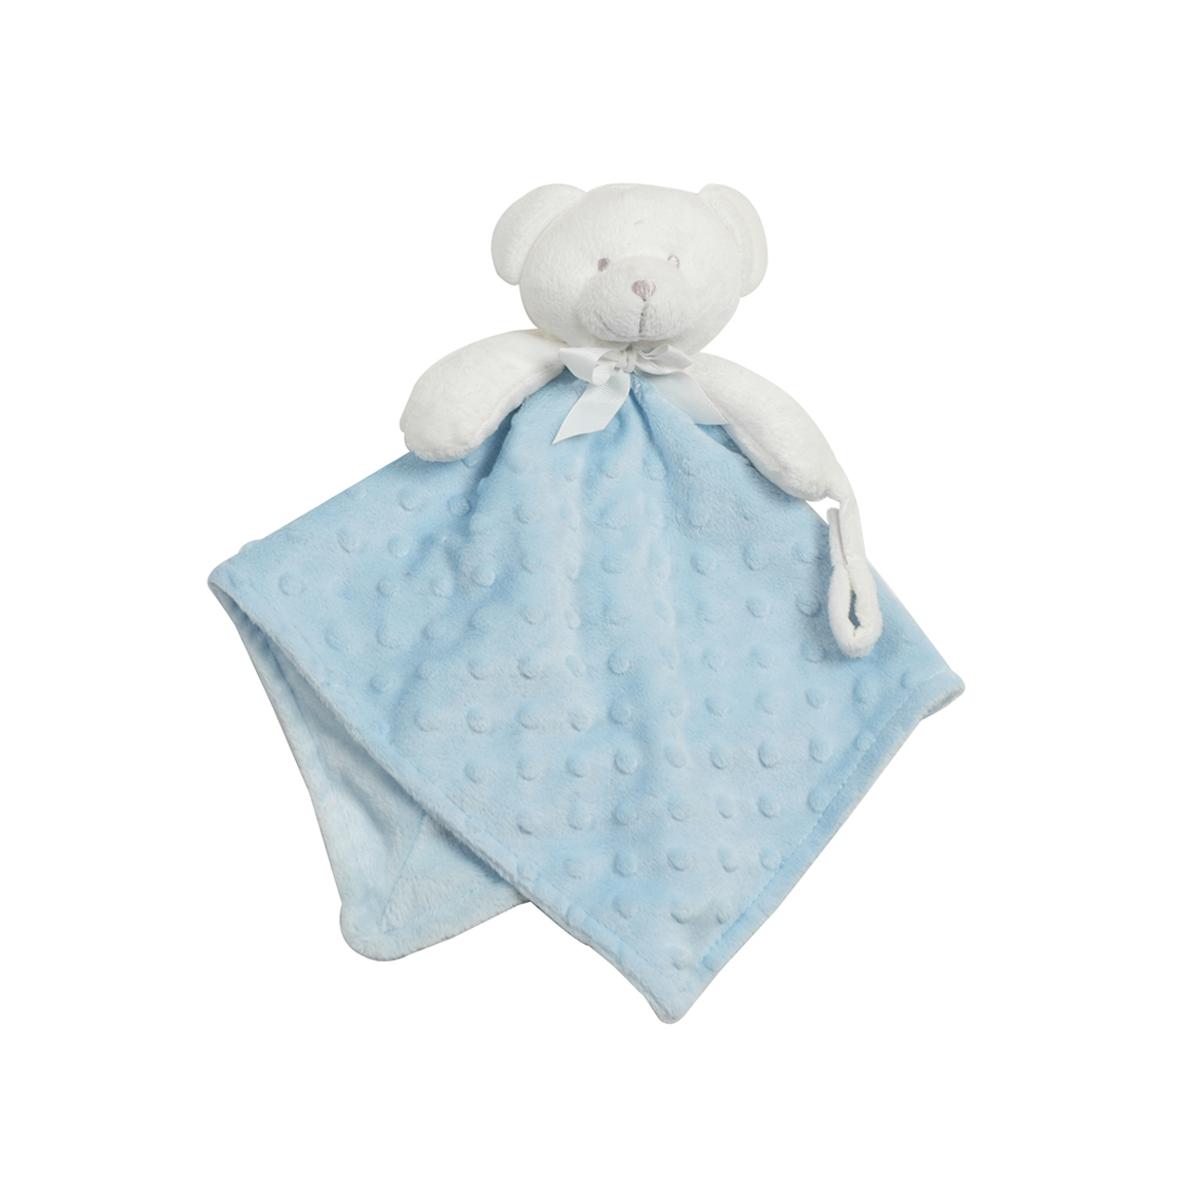 doudou pour b b king bear pois 3d avec attache sucette ours bleu accessoires doudou. Black Bedroom Furniture Sets. Home Design Ideas